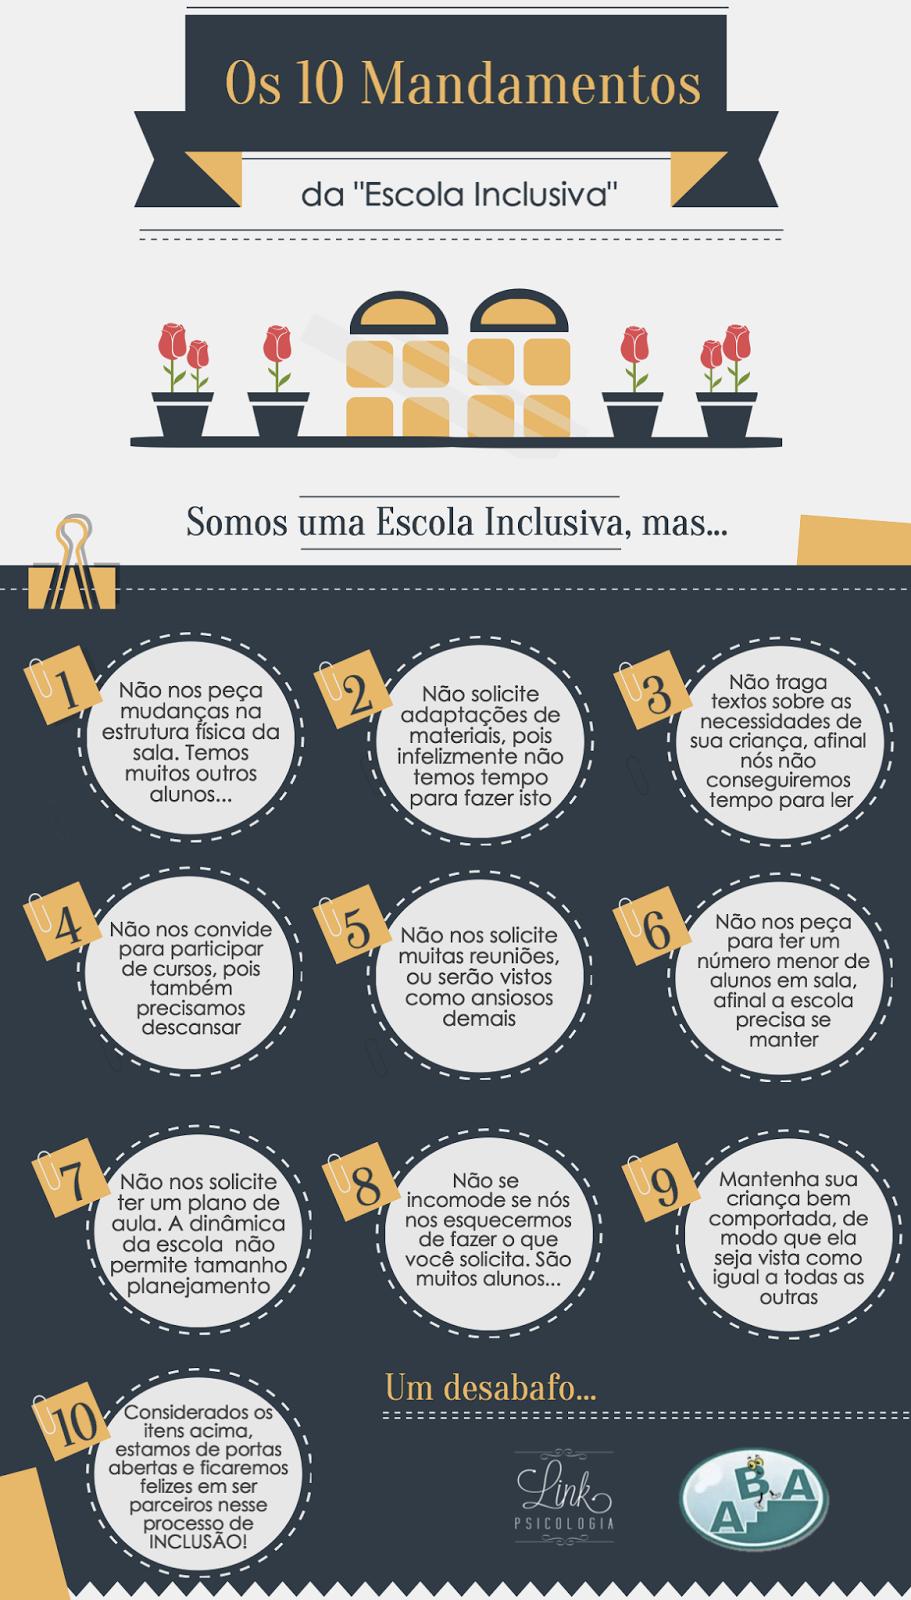 dez_mandamentos_da_escola_inclusiva_link_psicologia_aba_e_autismo_aline_abreu_e_andrade_ok